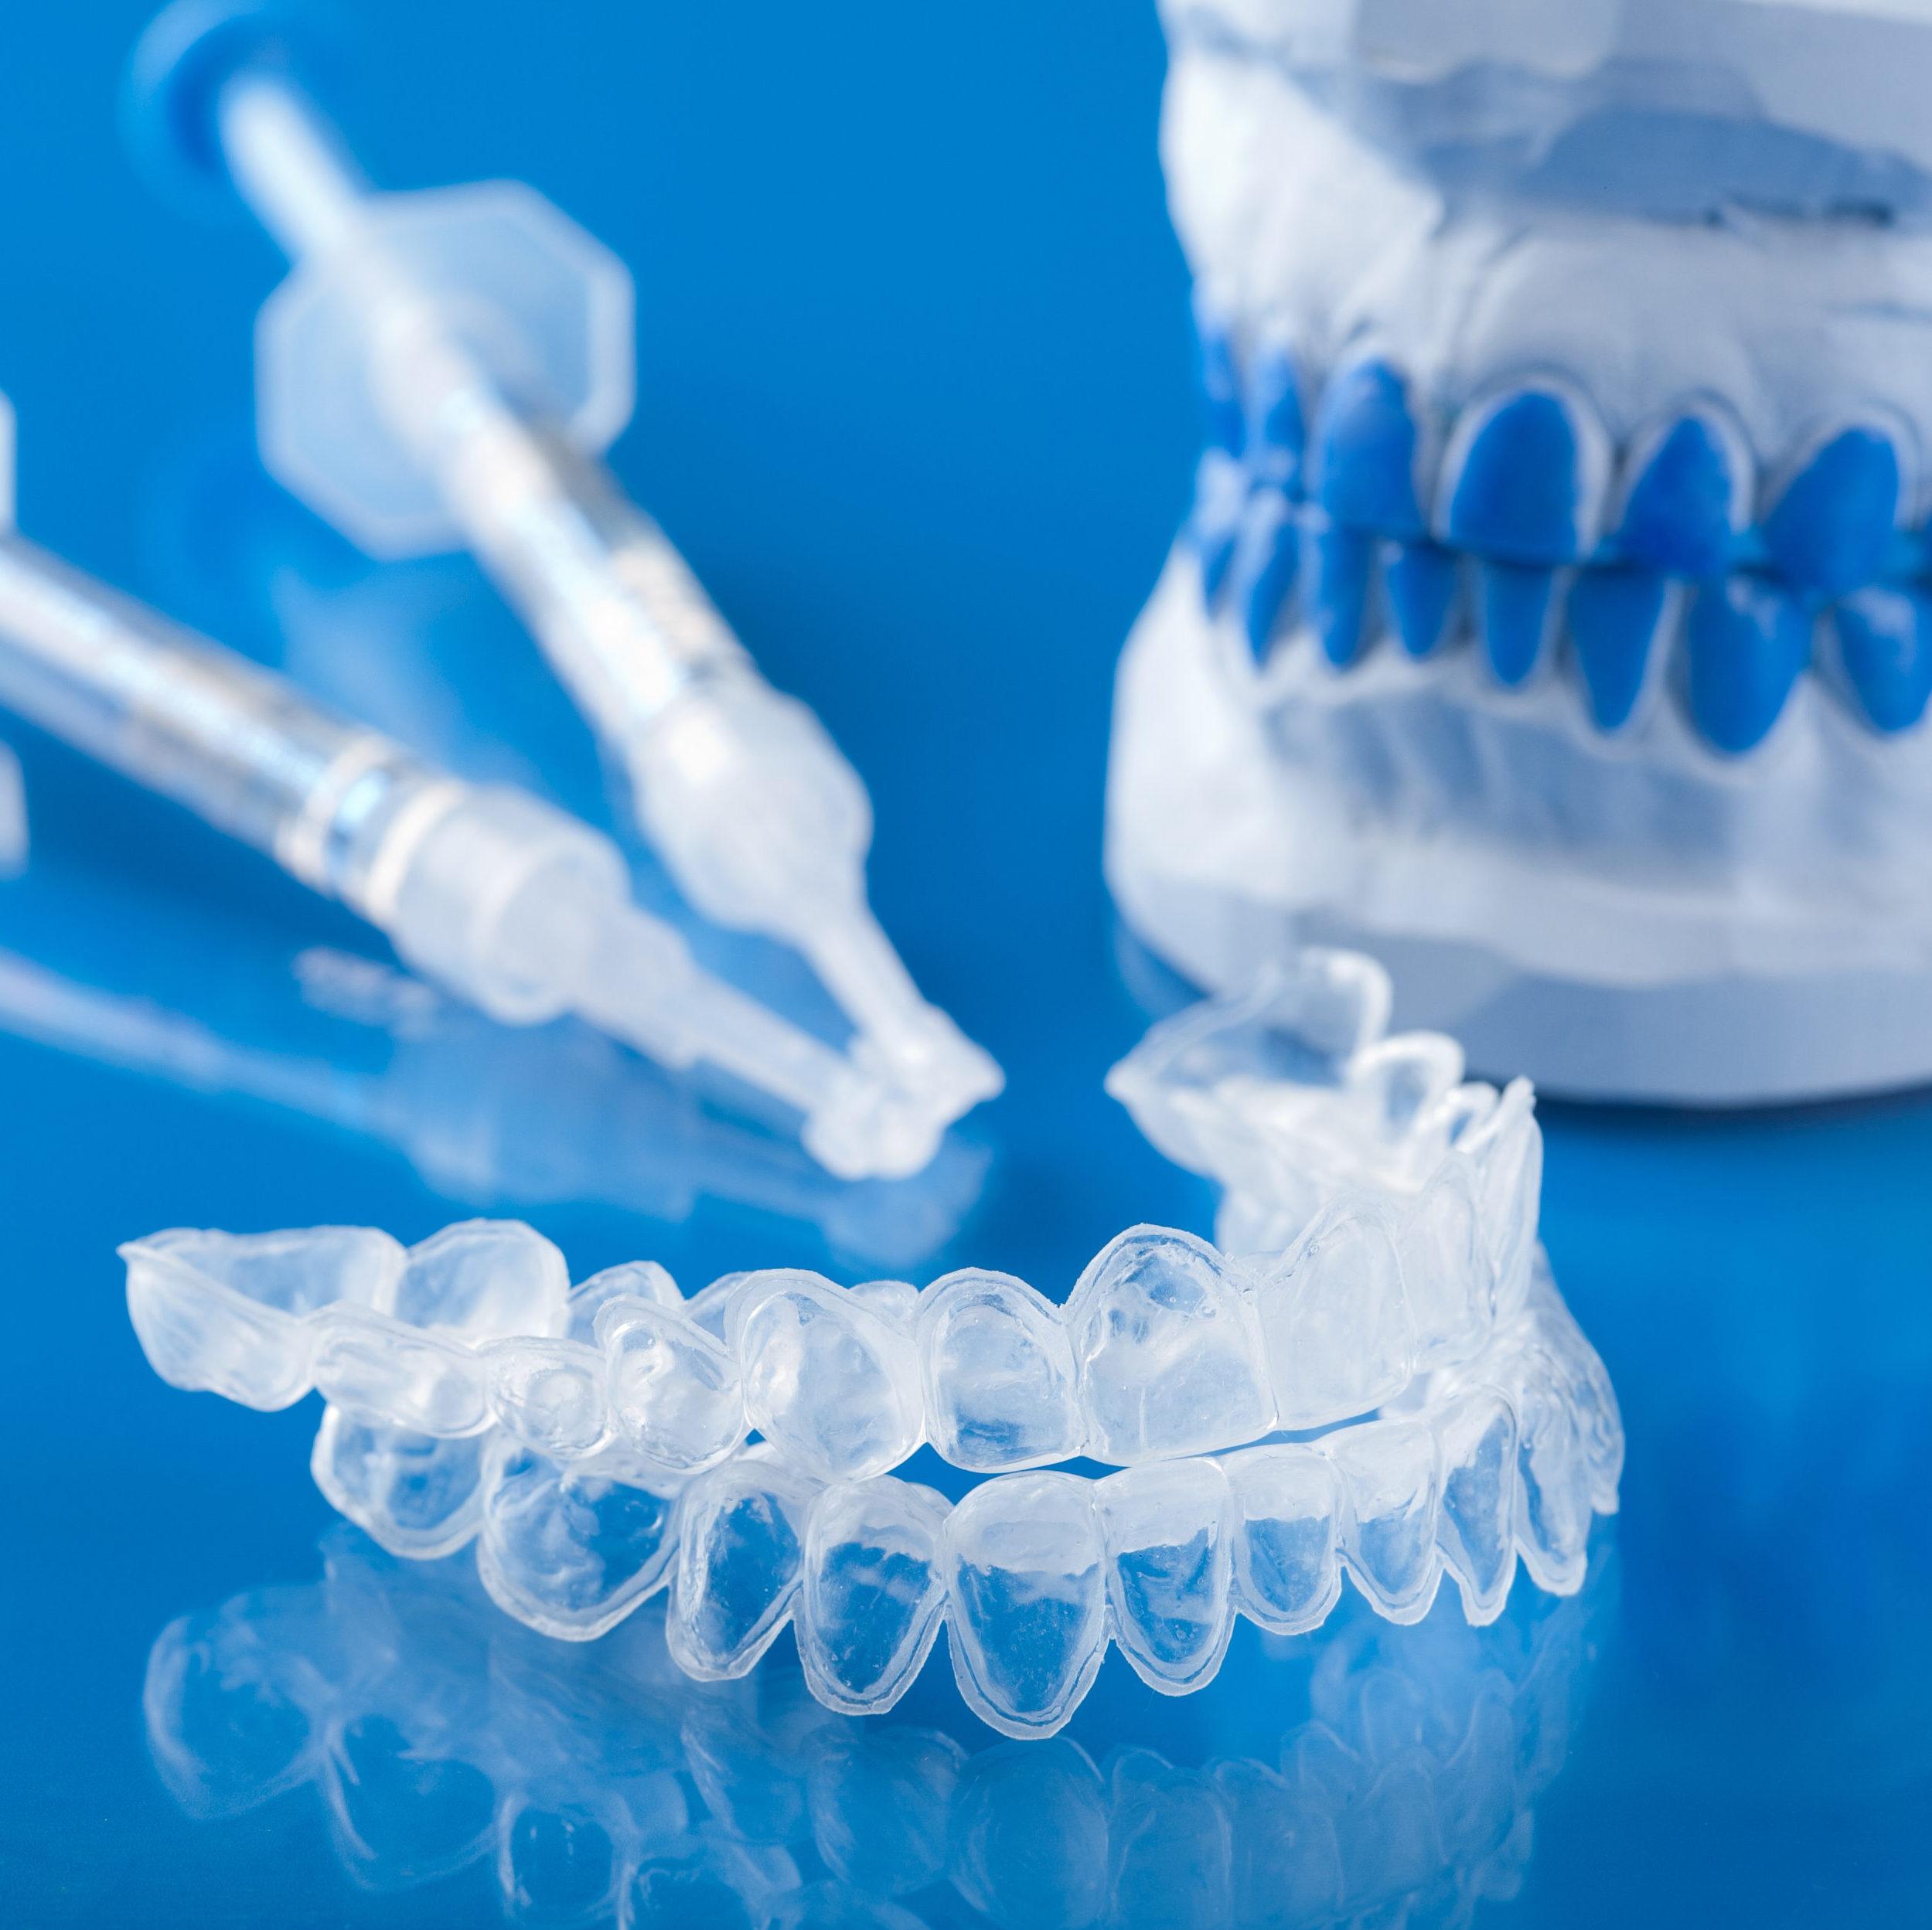 Выравнивание зубов спомощью невидимых помощников – элайнеров!